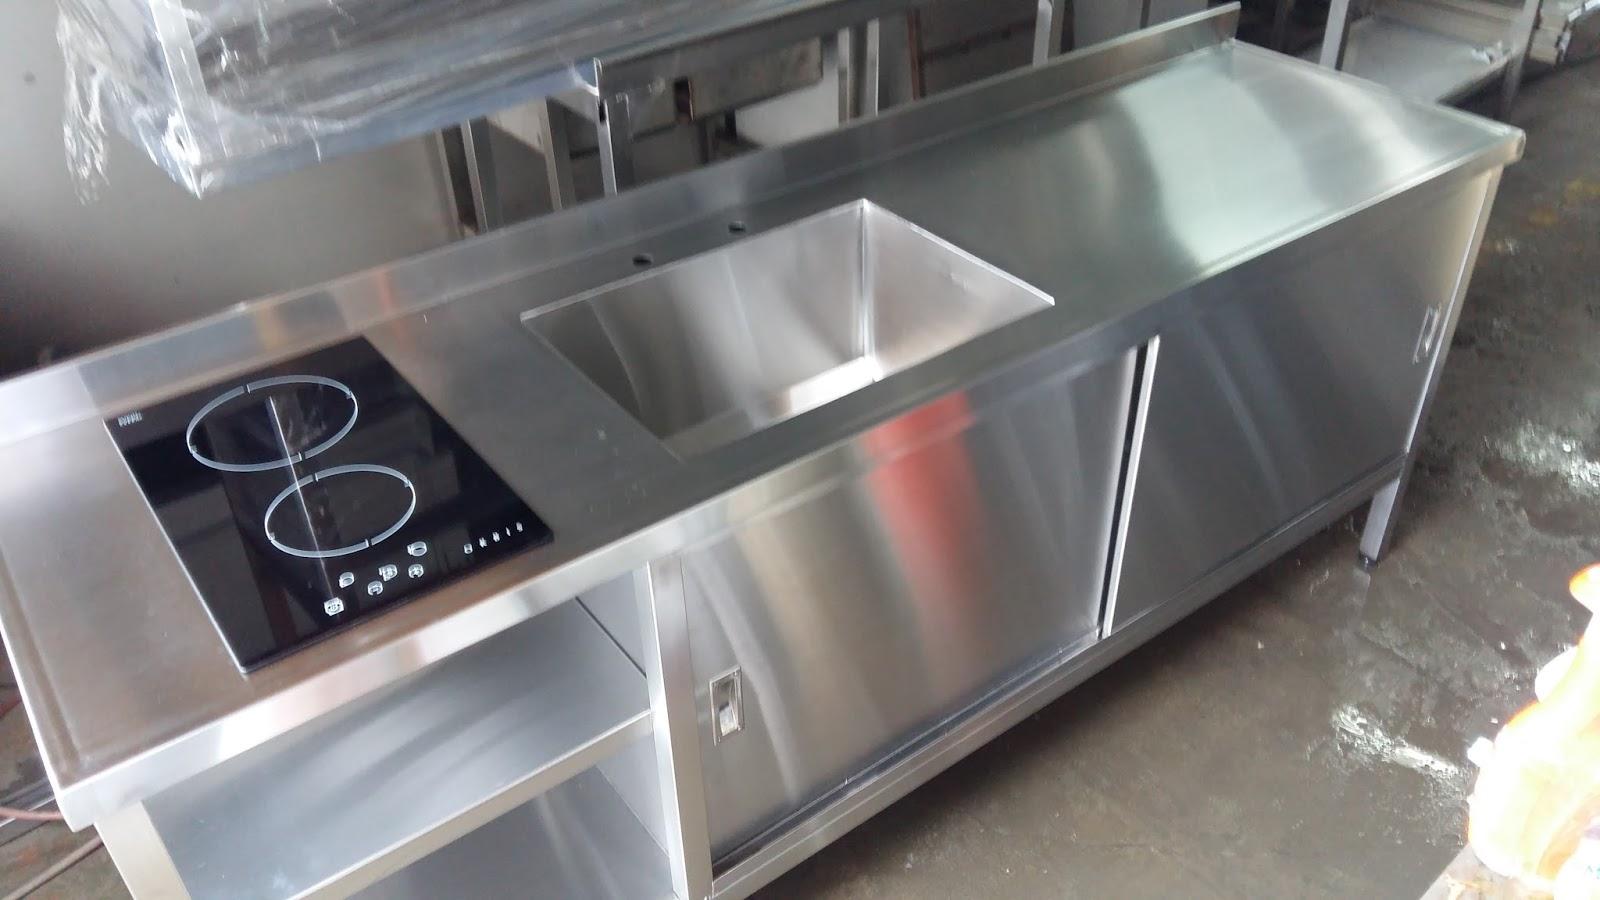 Cocinas industriales familiares: Mesadas de acero inoxidable y ...